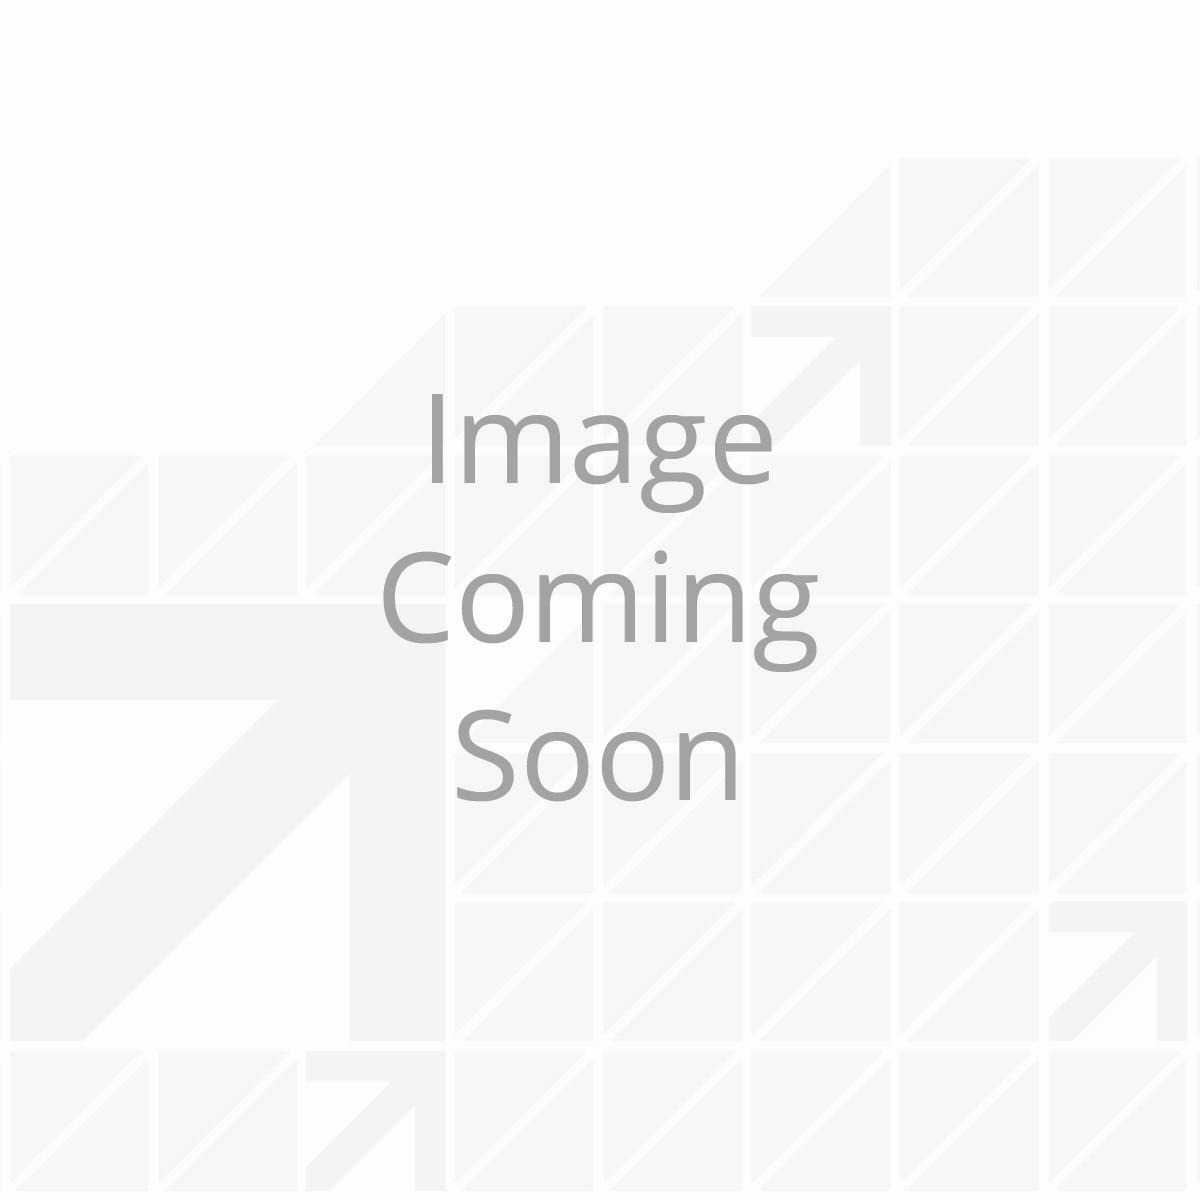 Sunrise Portable RV Deck - Sequoia 40 Series